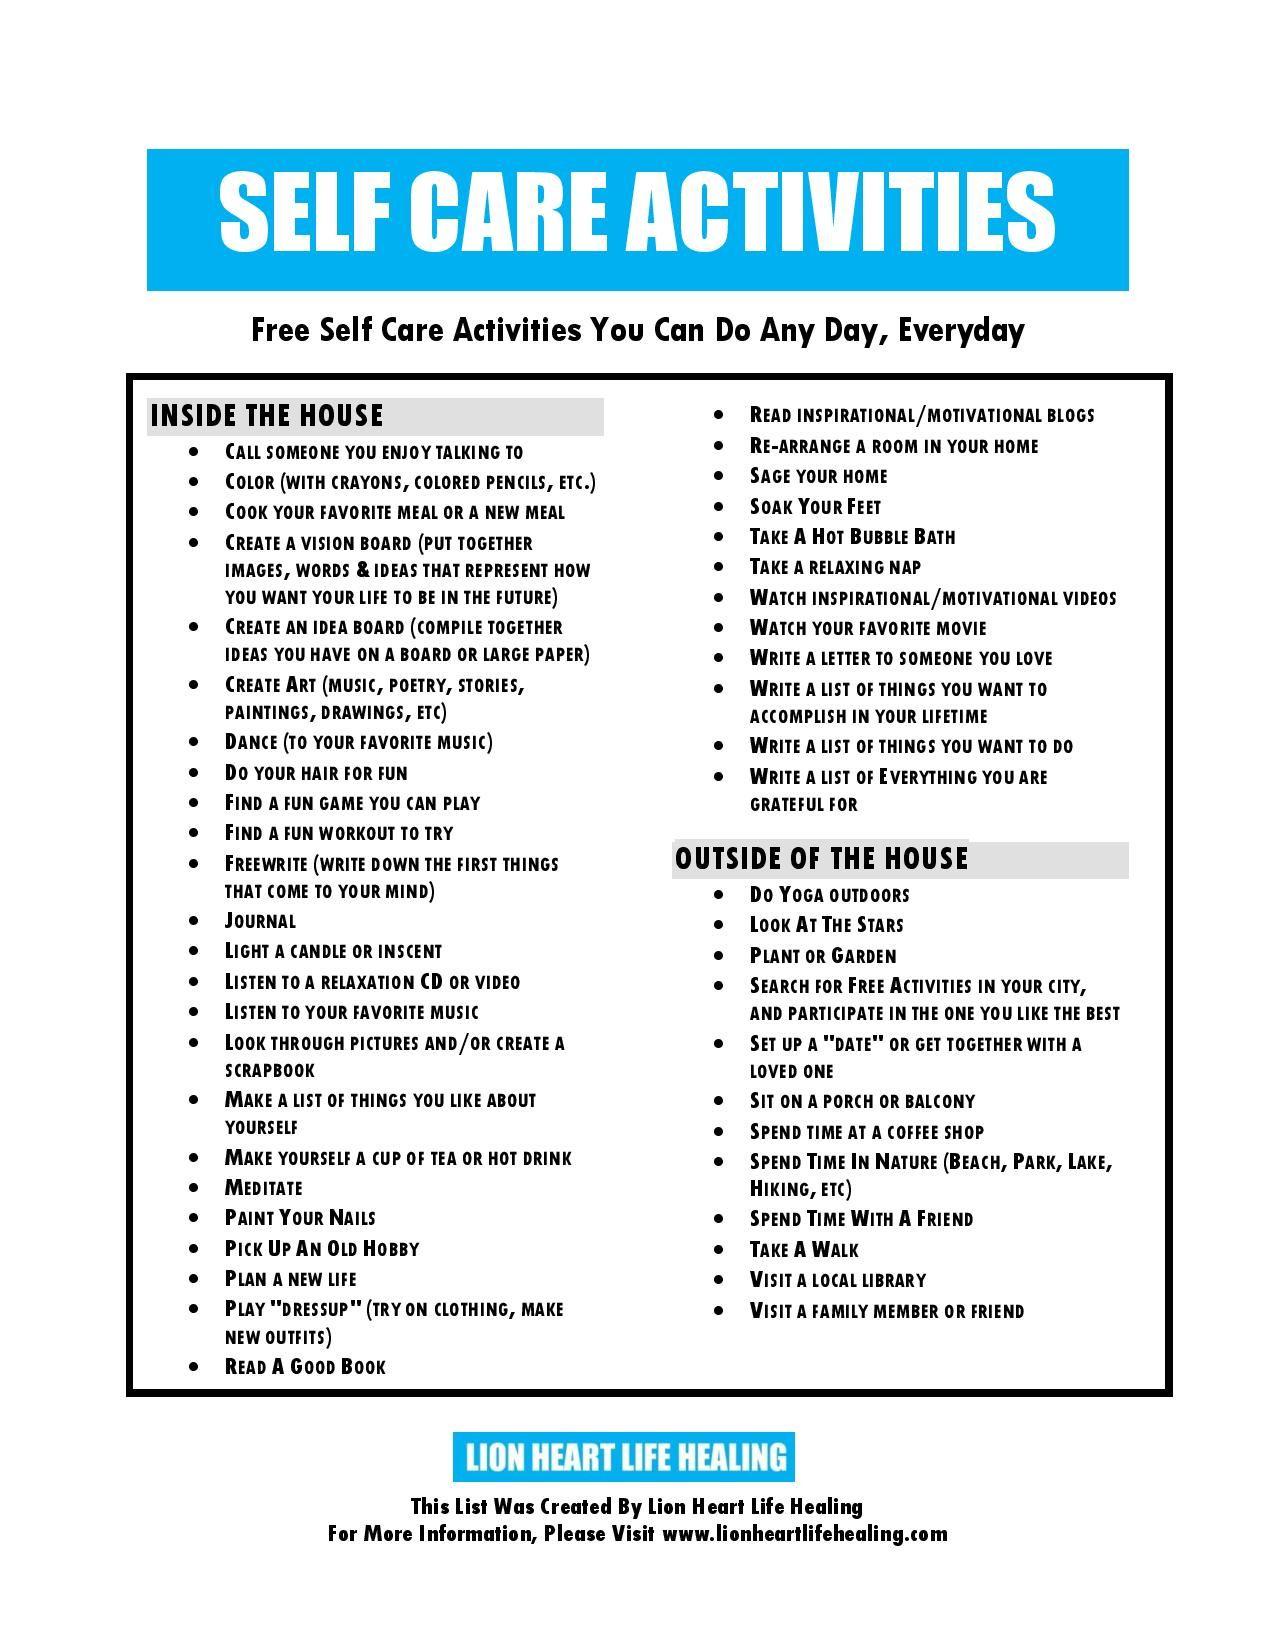 Worksheets Self Care Worksheets self care plan printable worksheet worksheets for school signaturebymm